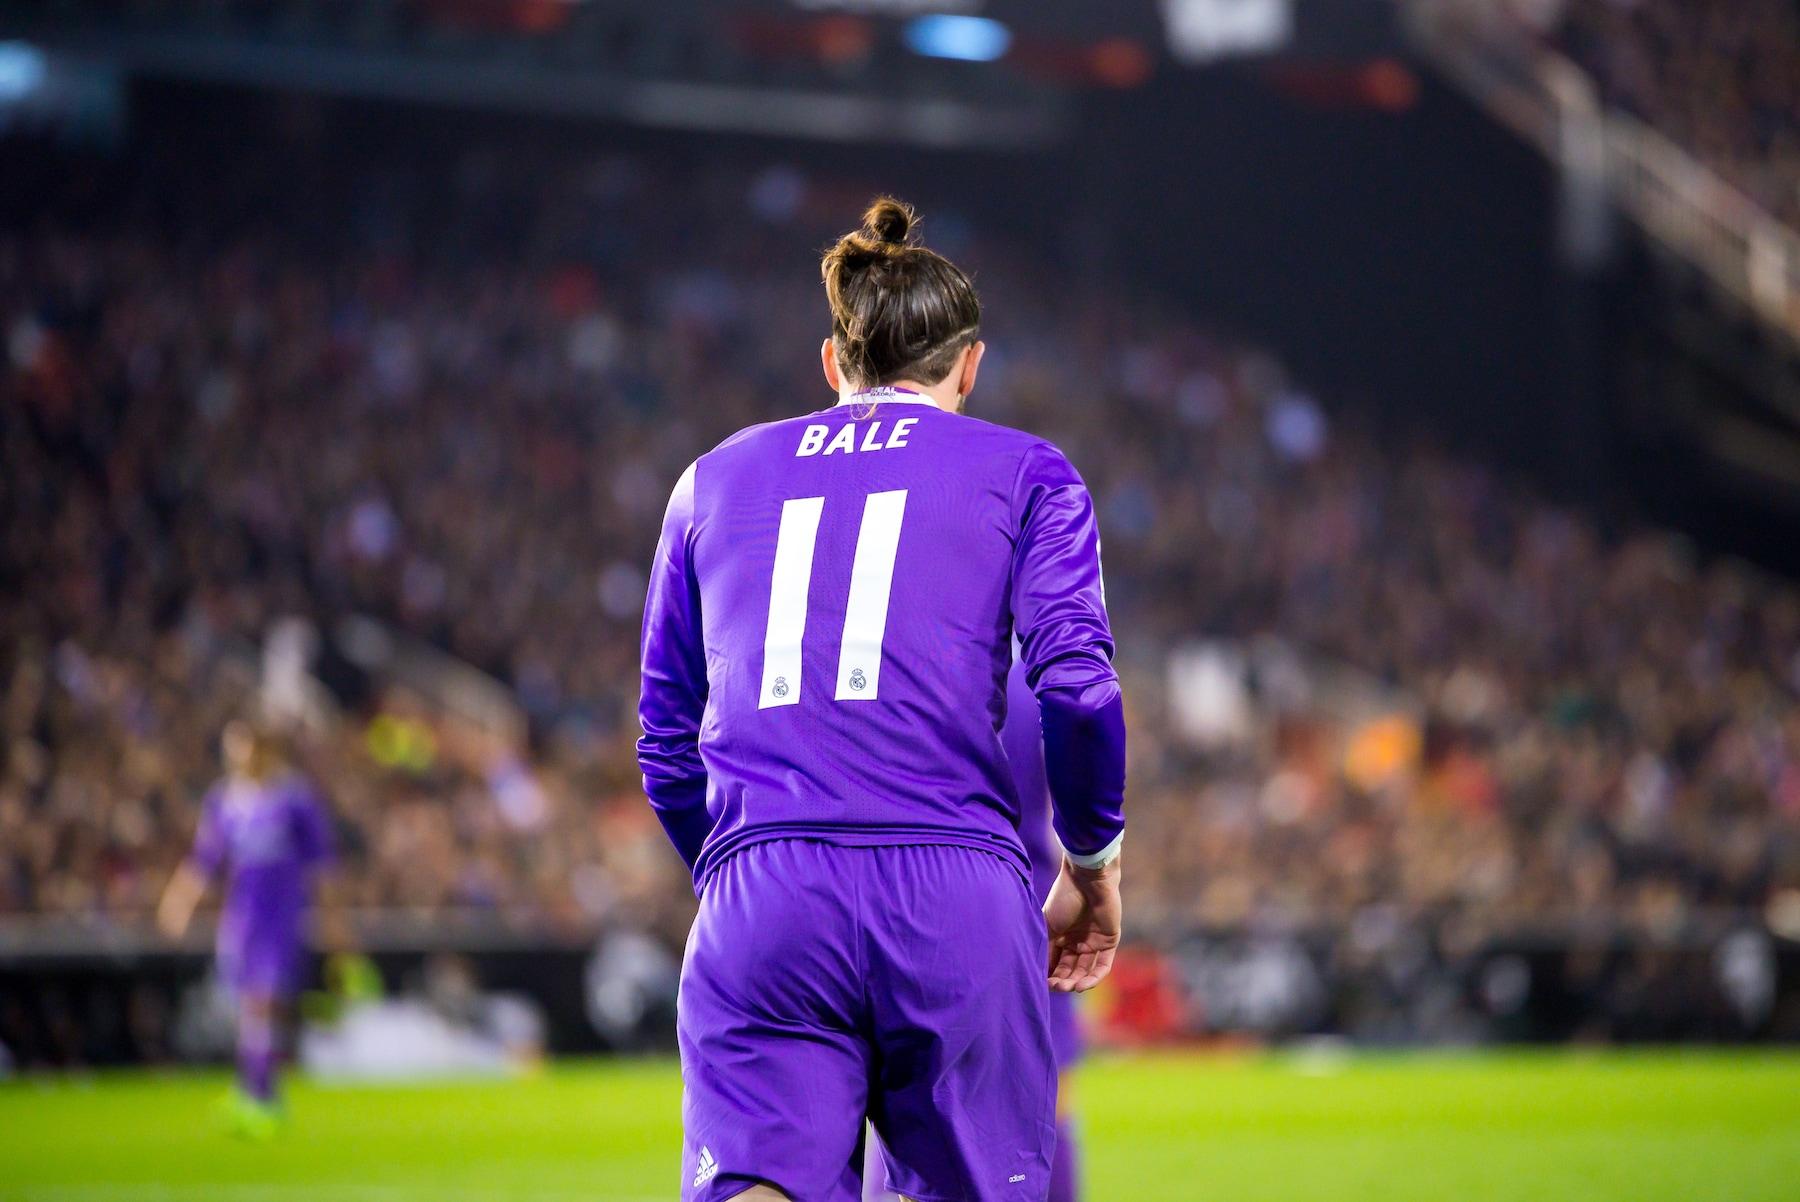 Gareth Bale gaya rambut pemain sepak bola.